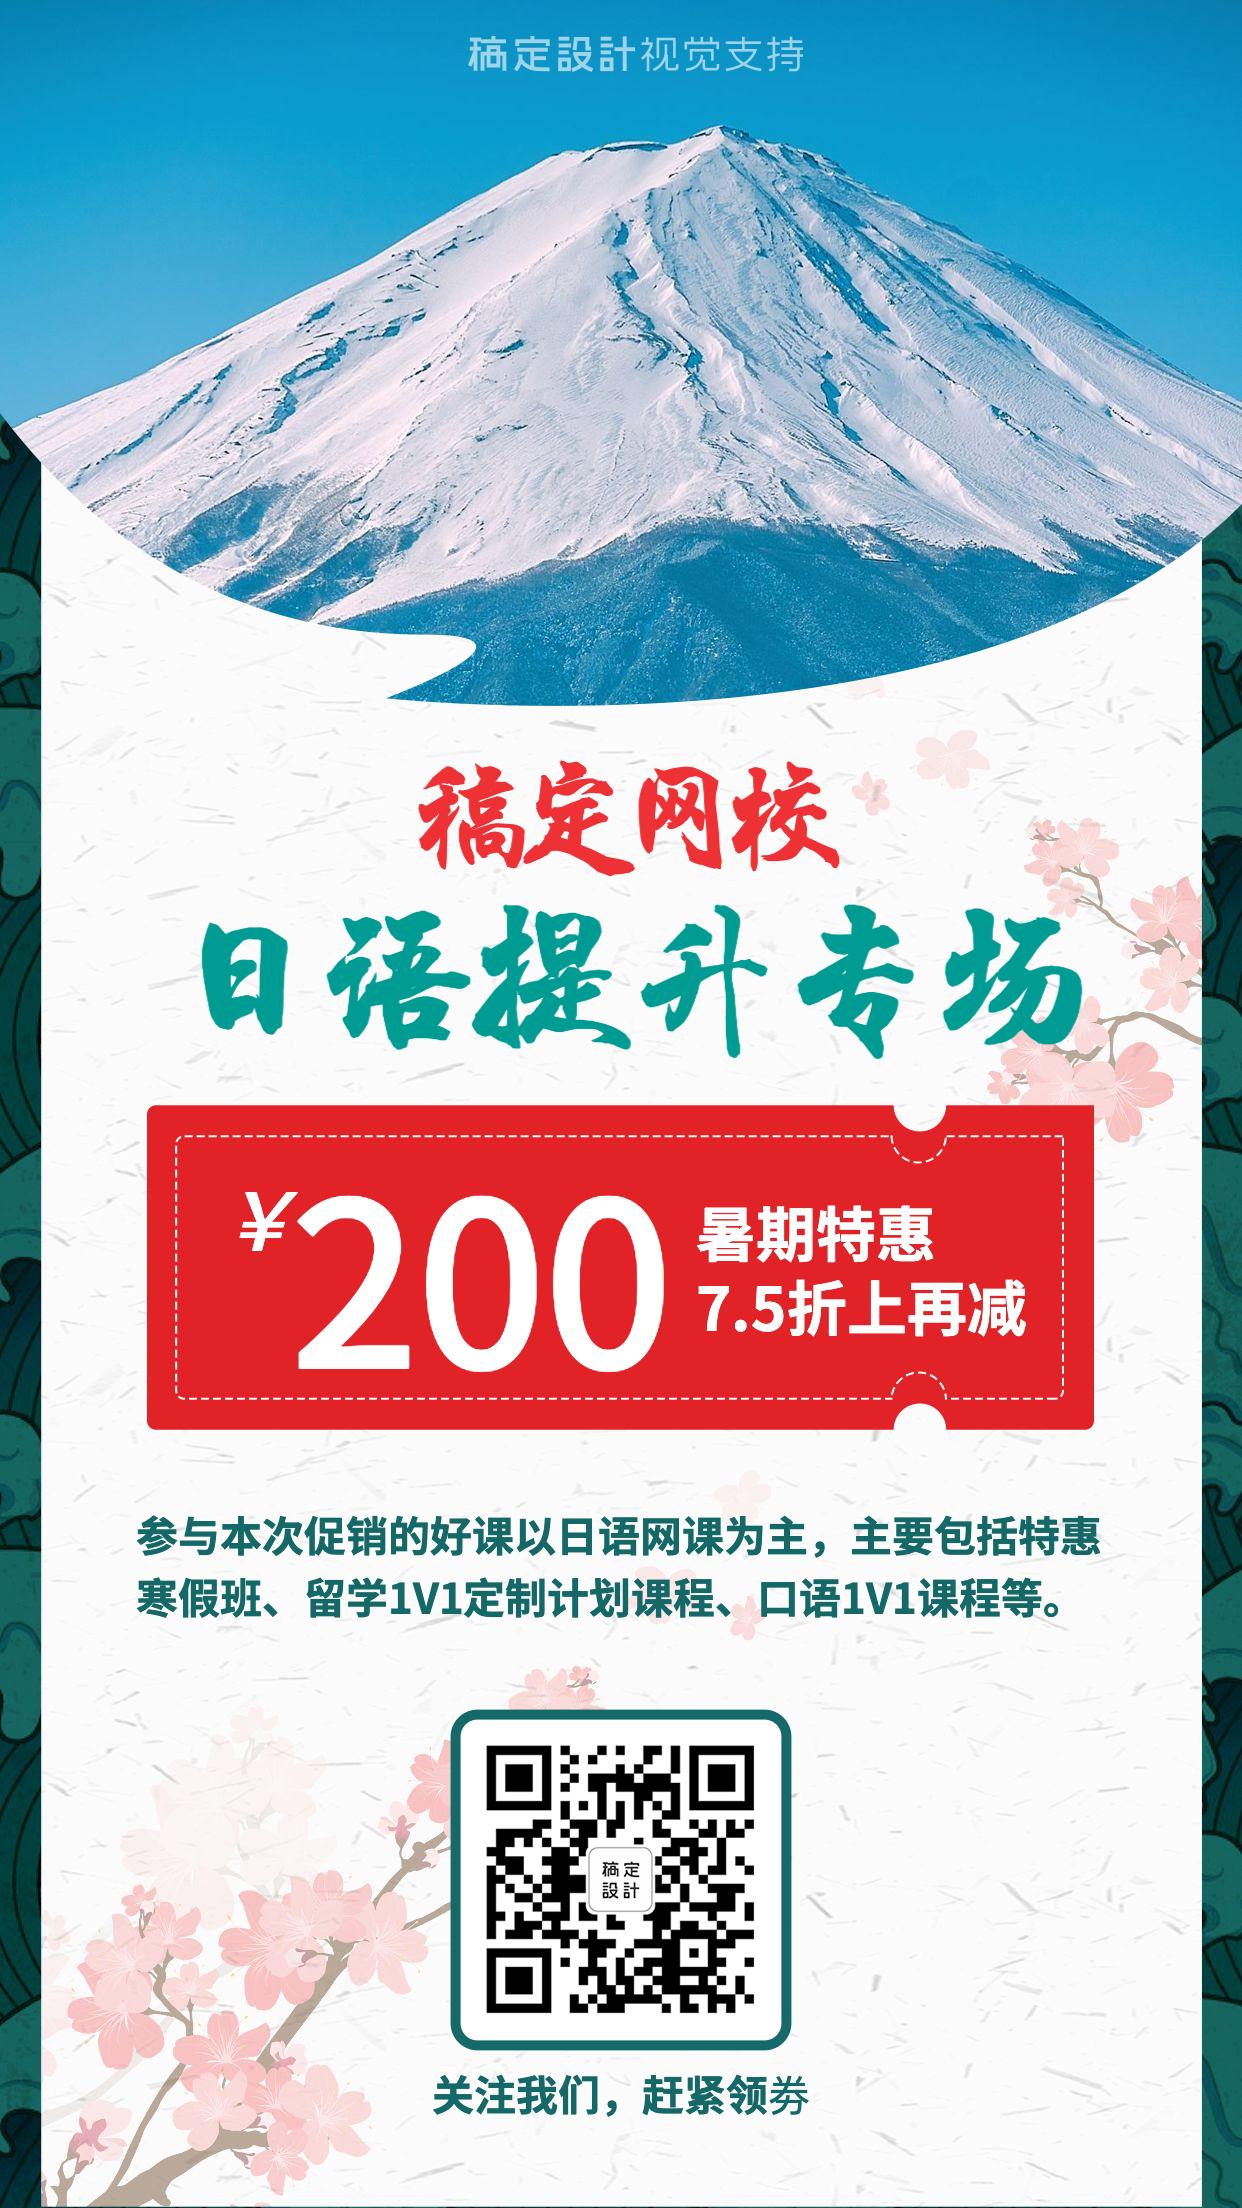 日语课程招生优惠促销